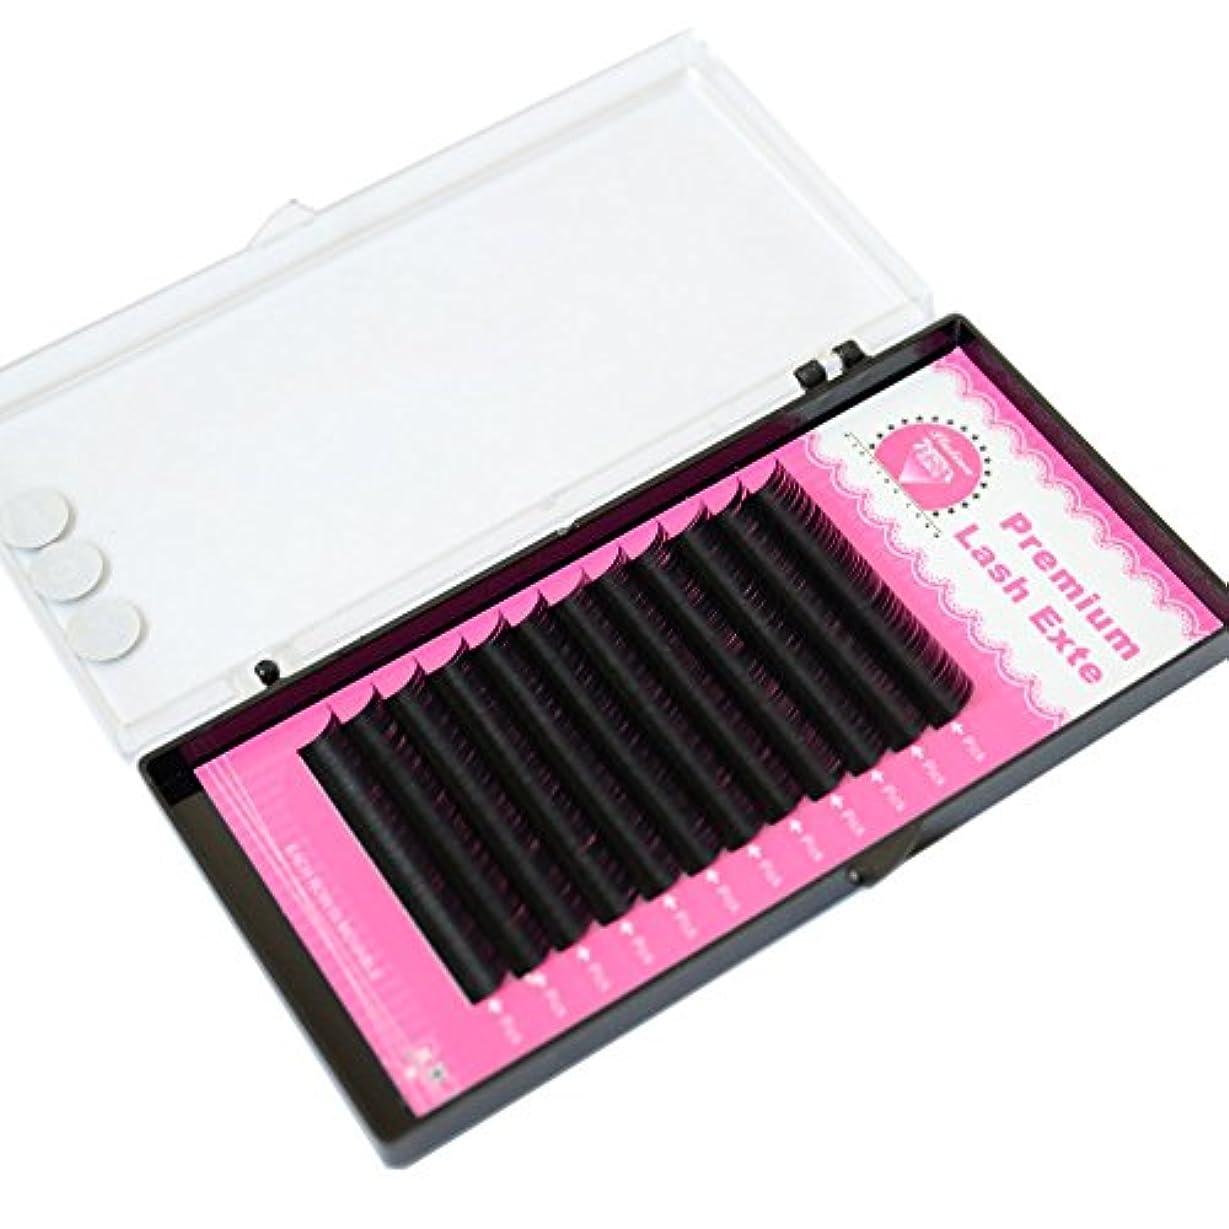 仮装結晶ビールPLATINA LASH セーブルまつげエクステ Dカール 0.10太さ 8mm シングル(長さ指定) 12列【約3400本】マツエク (D 0.10 8mm)